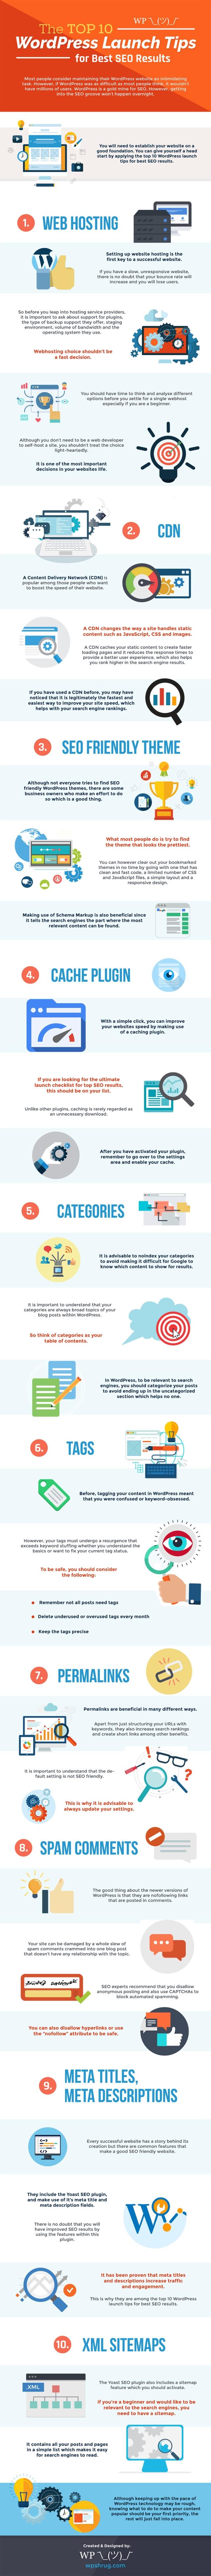 10 WordPress SEO Tips for Higher Google Rankings